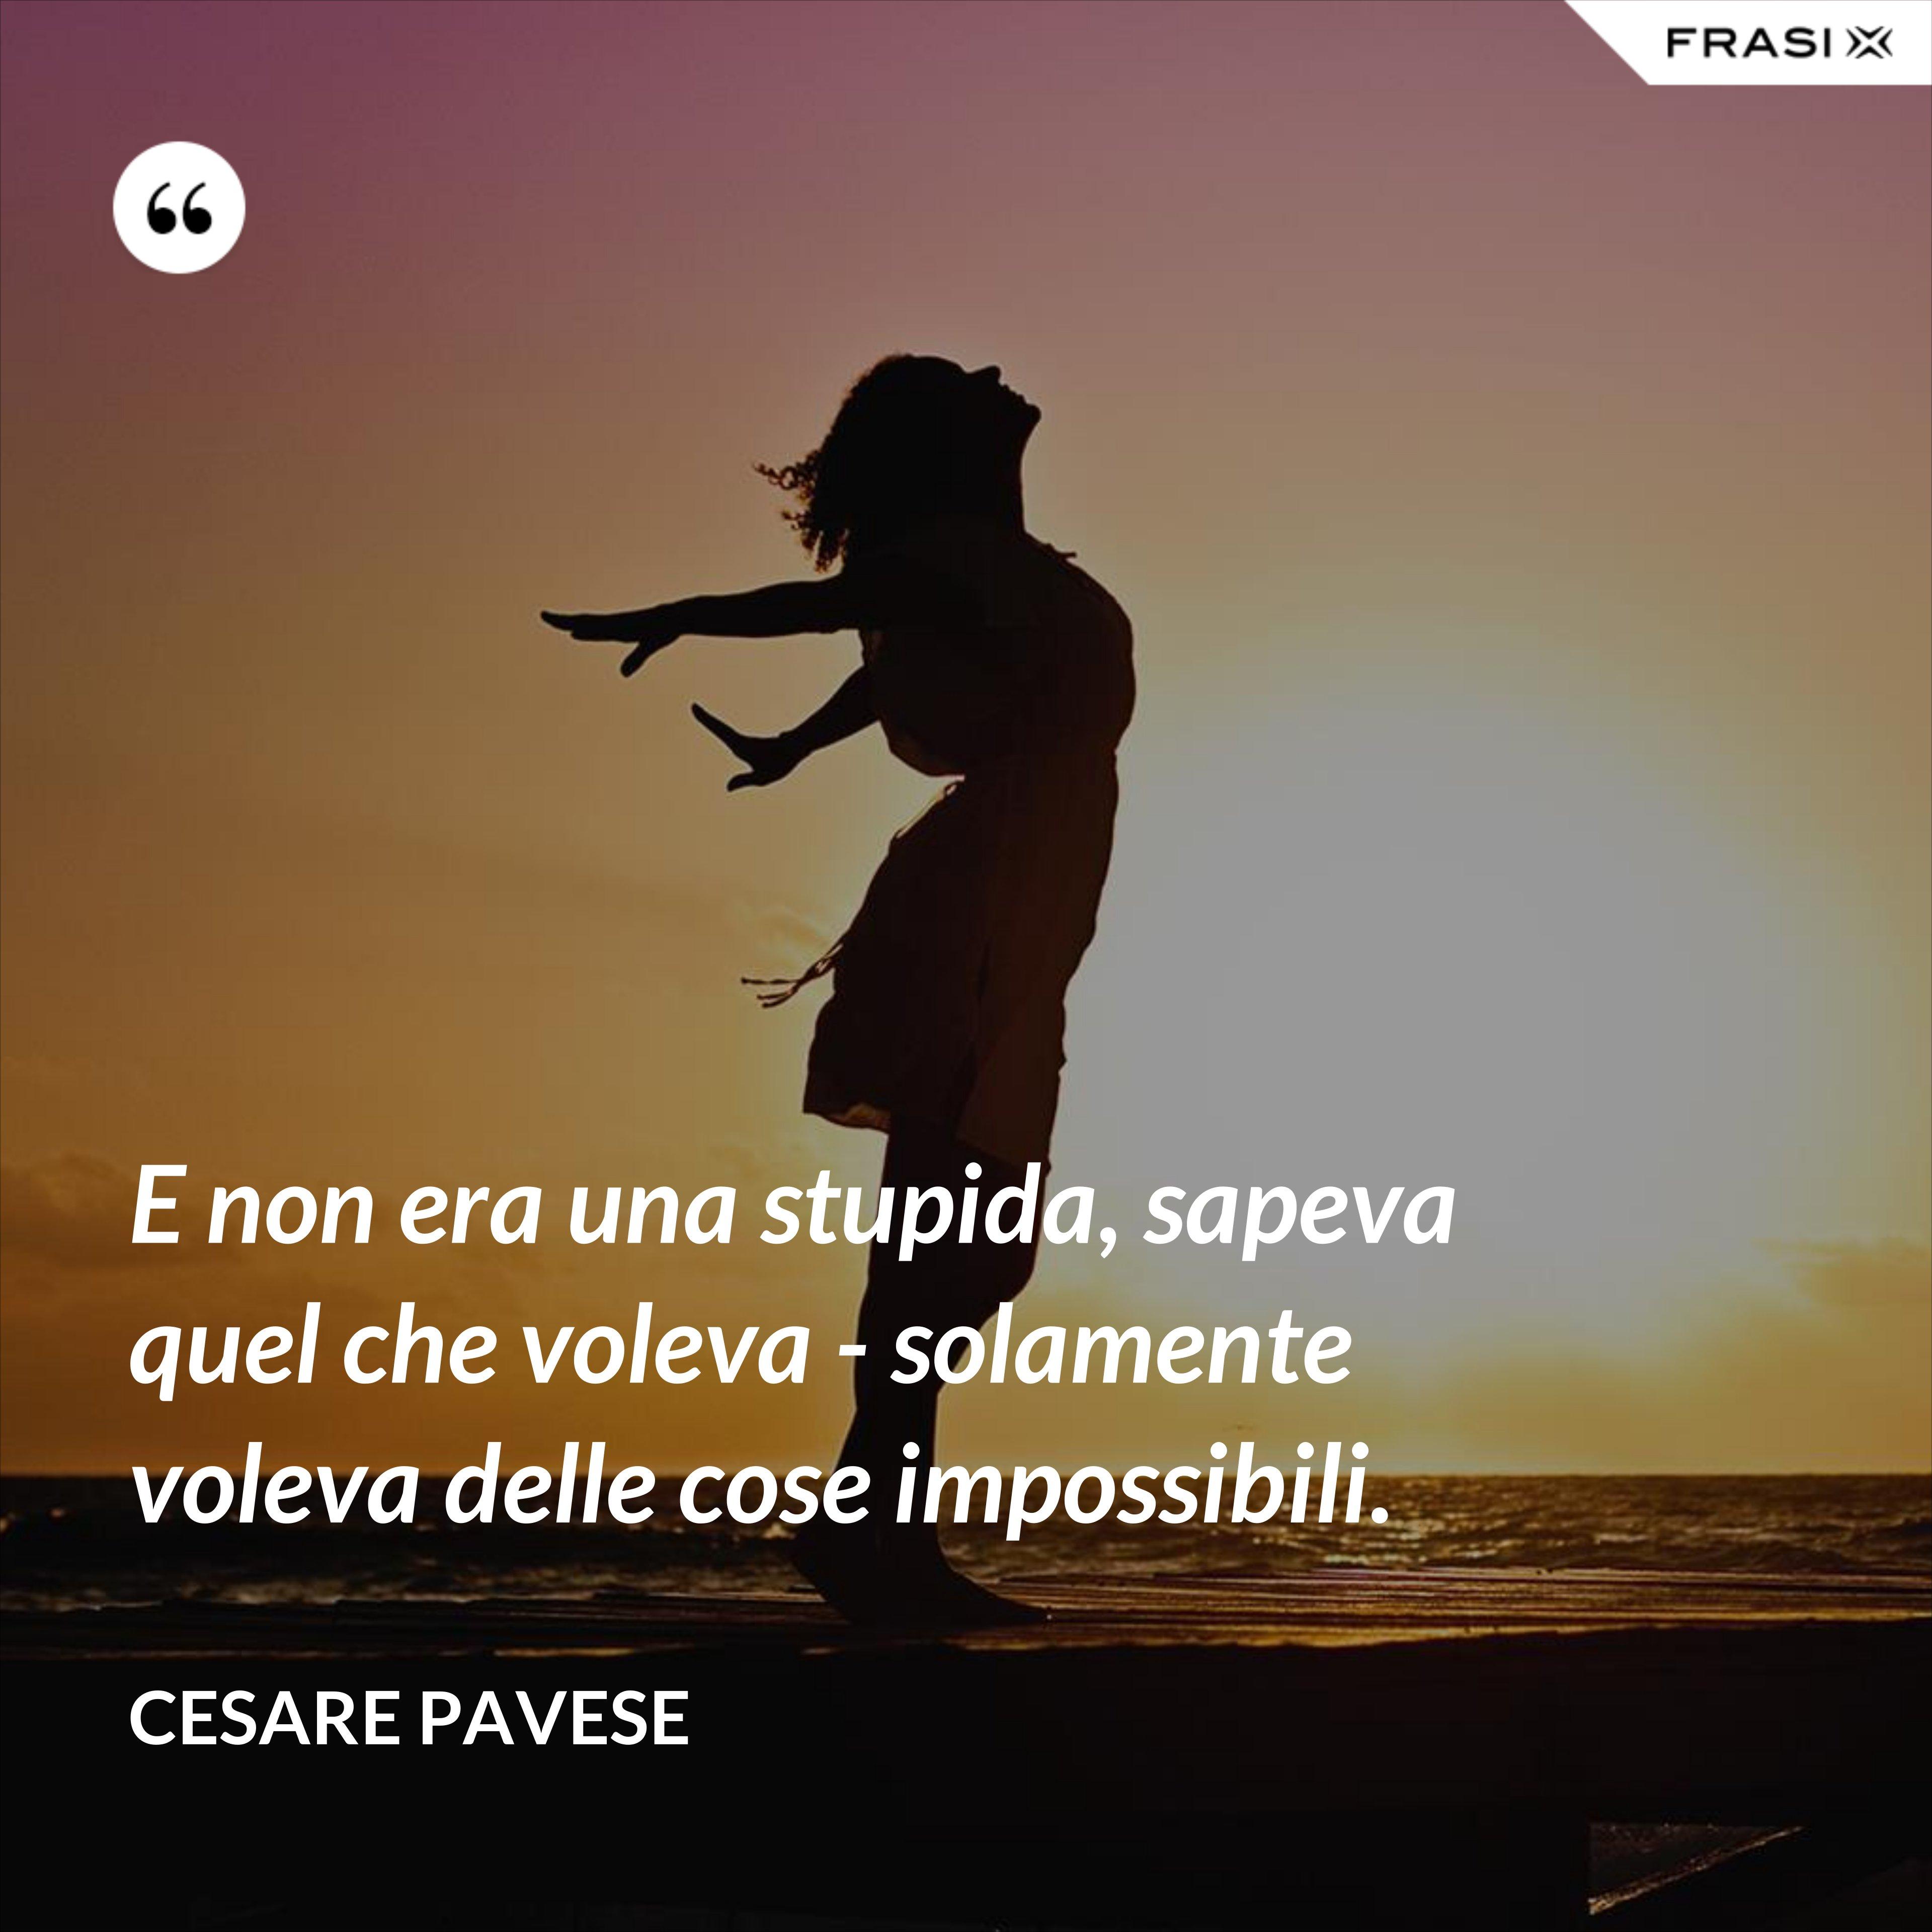 E non era una stupida, sapeva quel che voleva - solamente voleva delle cose impossibili. - Cesare Pavese